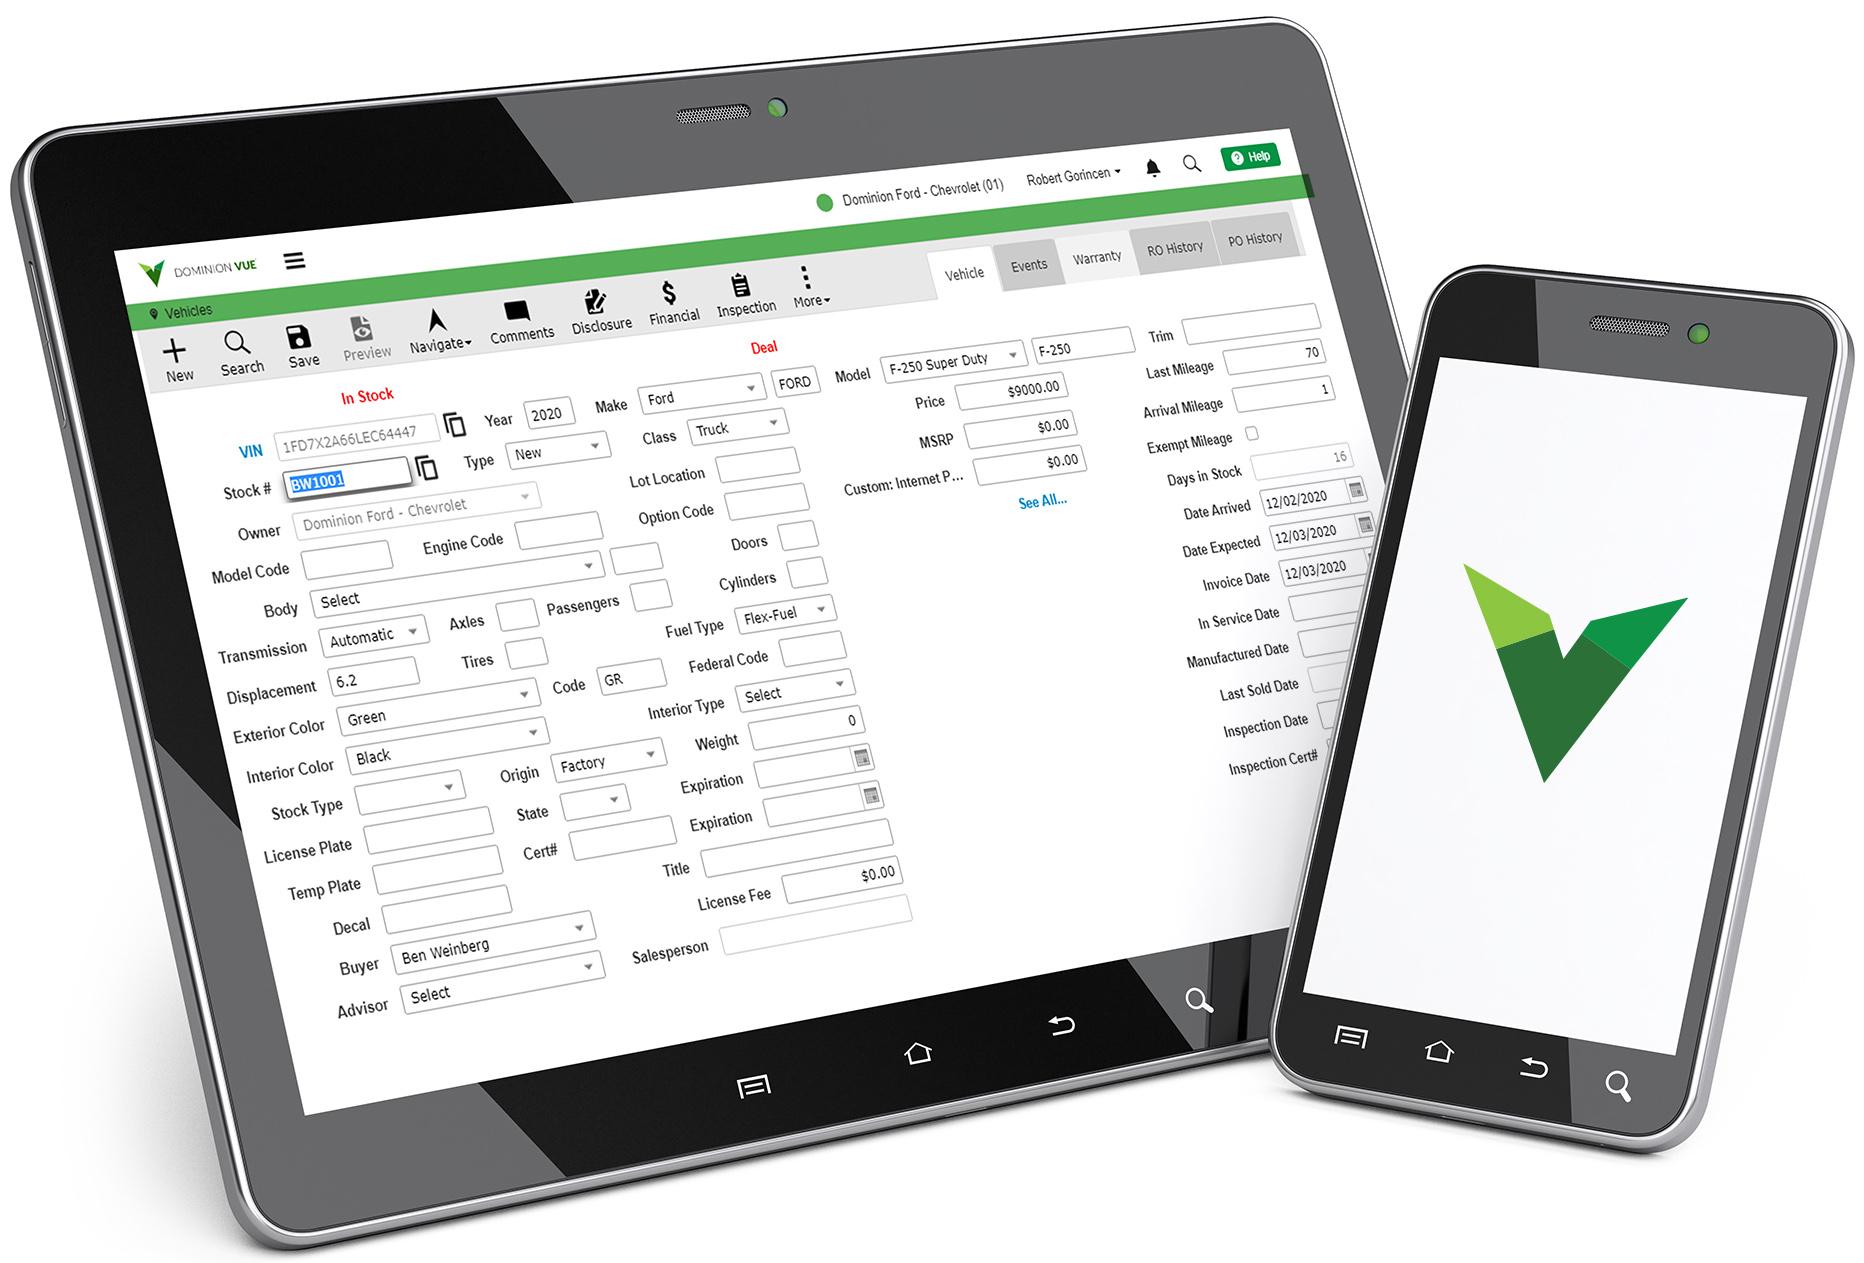 vue-tablet&phone-1